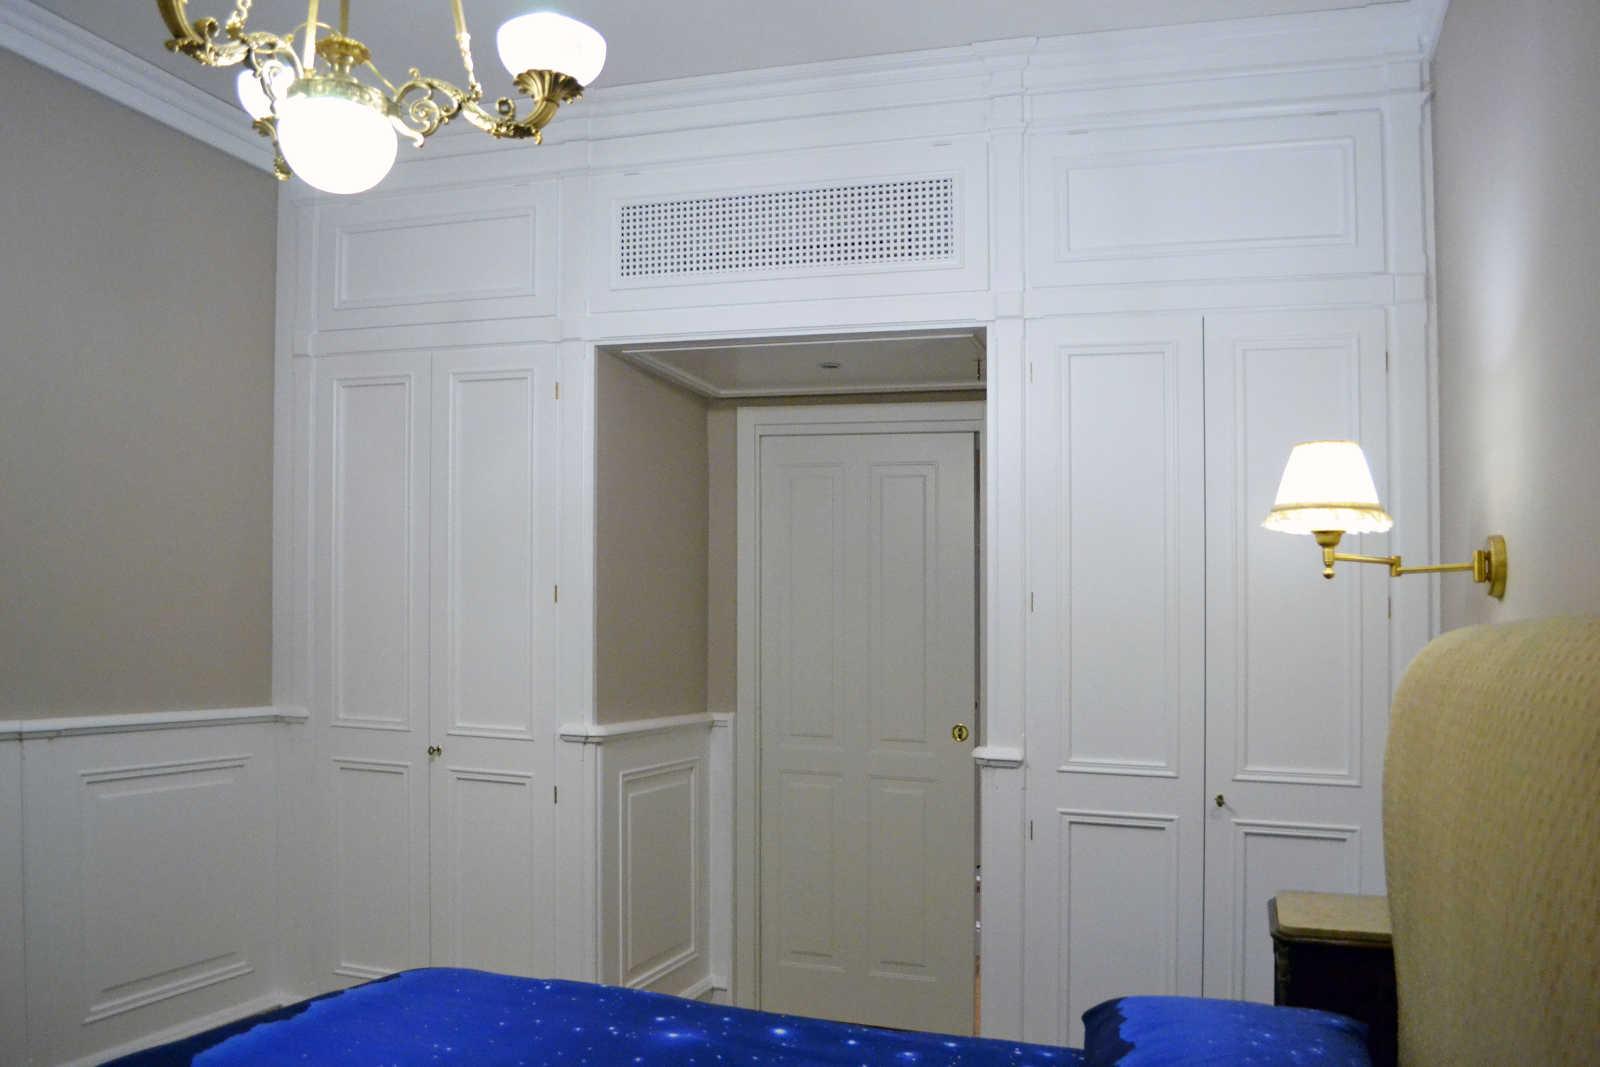 Boiserie classica per camera letto arecodesign napoli - Camera da letto con boiserie ...